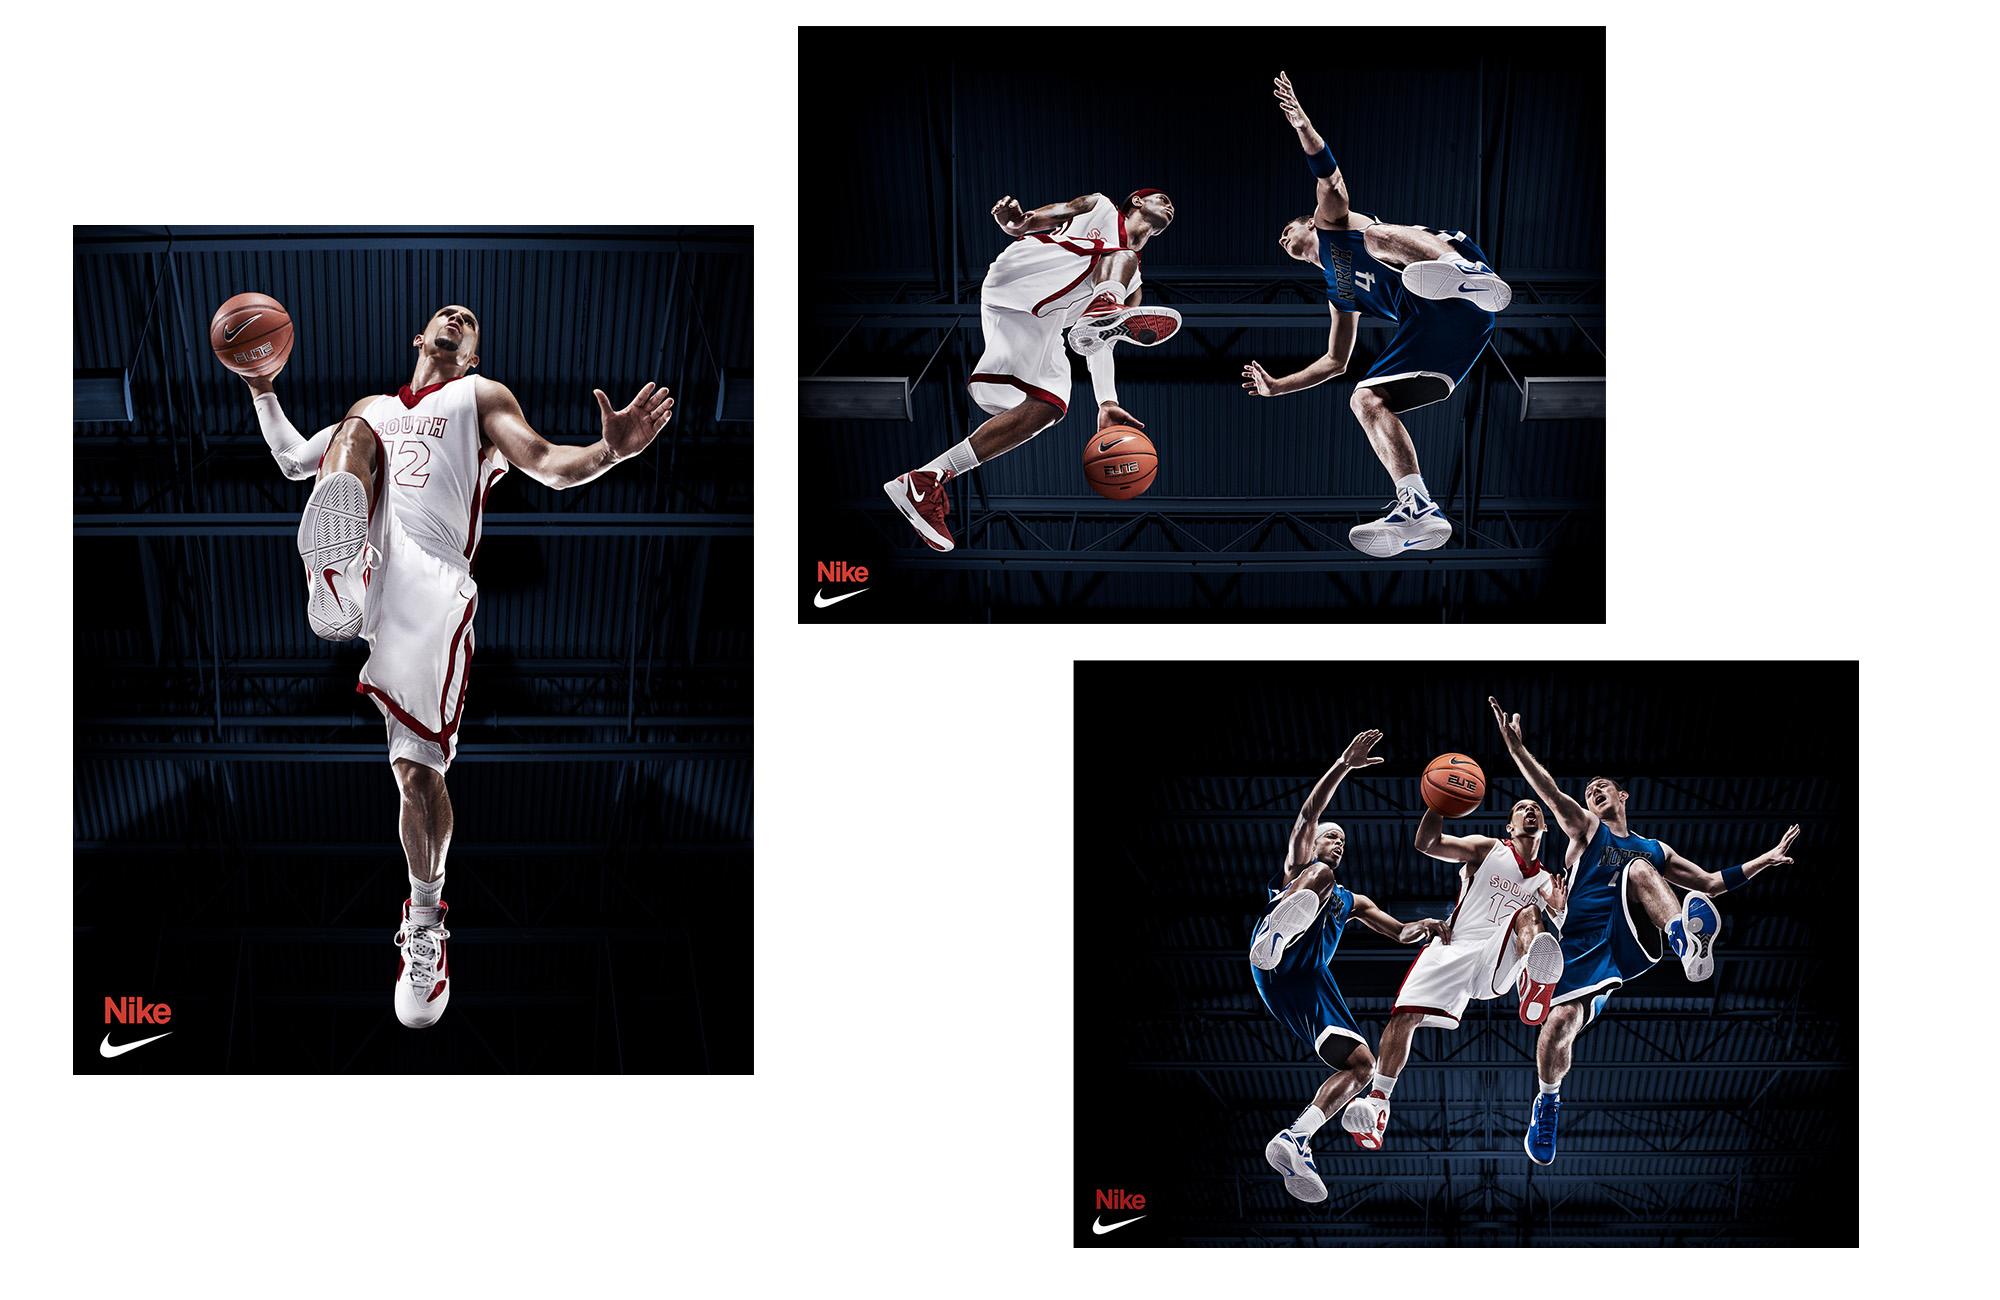 Nike Hoops - 3 of 4